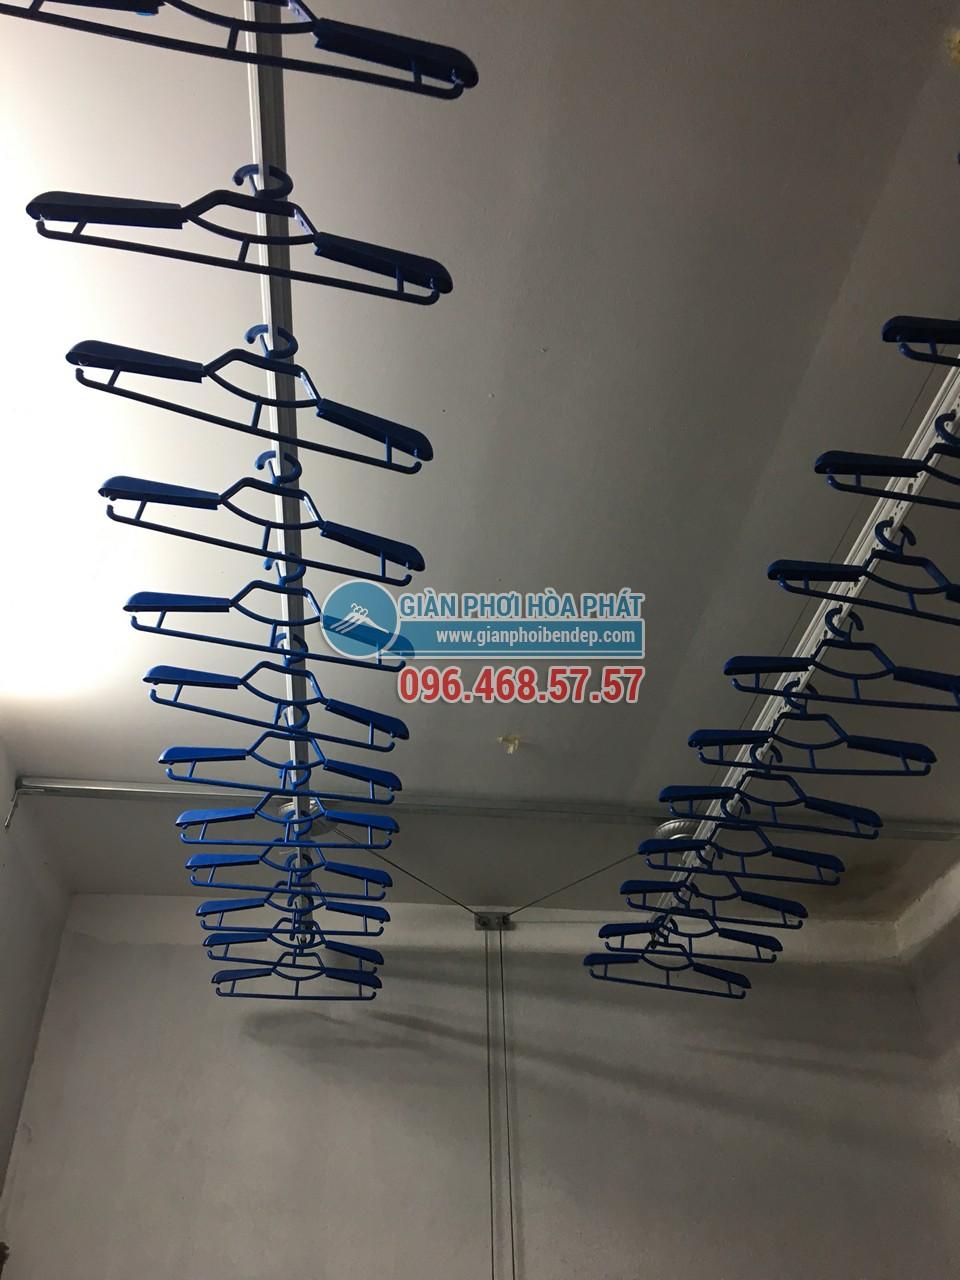 Hoàn thiện lắp đặt giàn phơi thông minh nhà cô Hoa, ngõ 238 Âu Cơ - 04